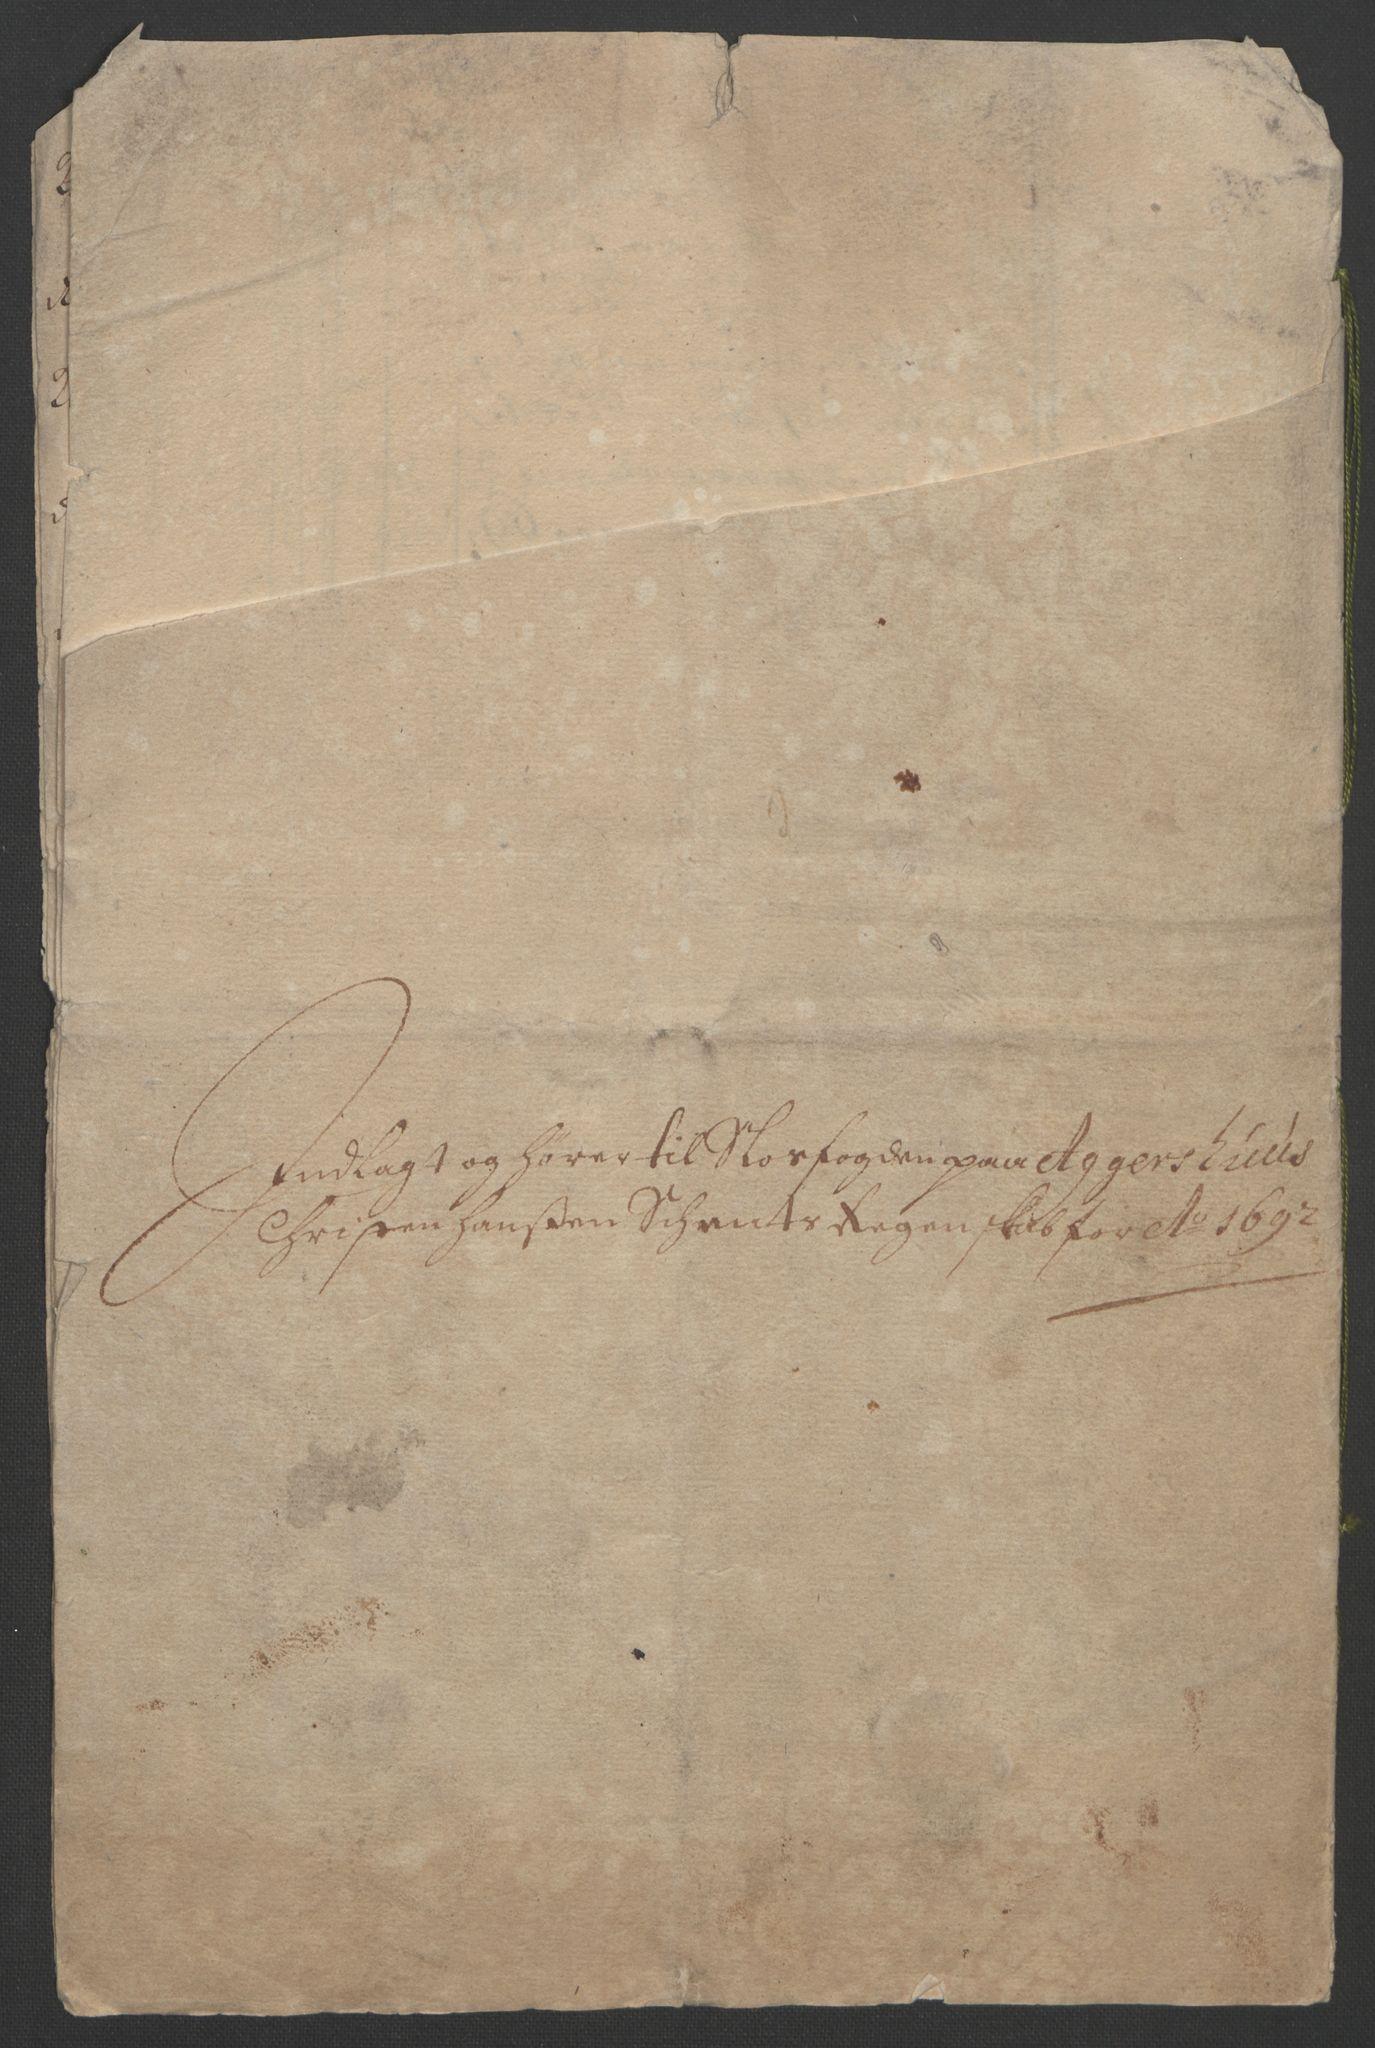 RA, Rentekammeret inntil 1814, Reviderte regnskaper, Fogderegnskap, R08/L0426: Fogderegnskap Aker, 1692-1693, s. 261